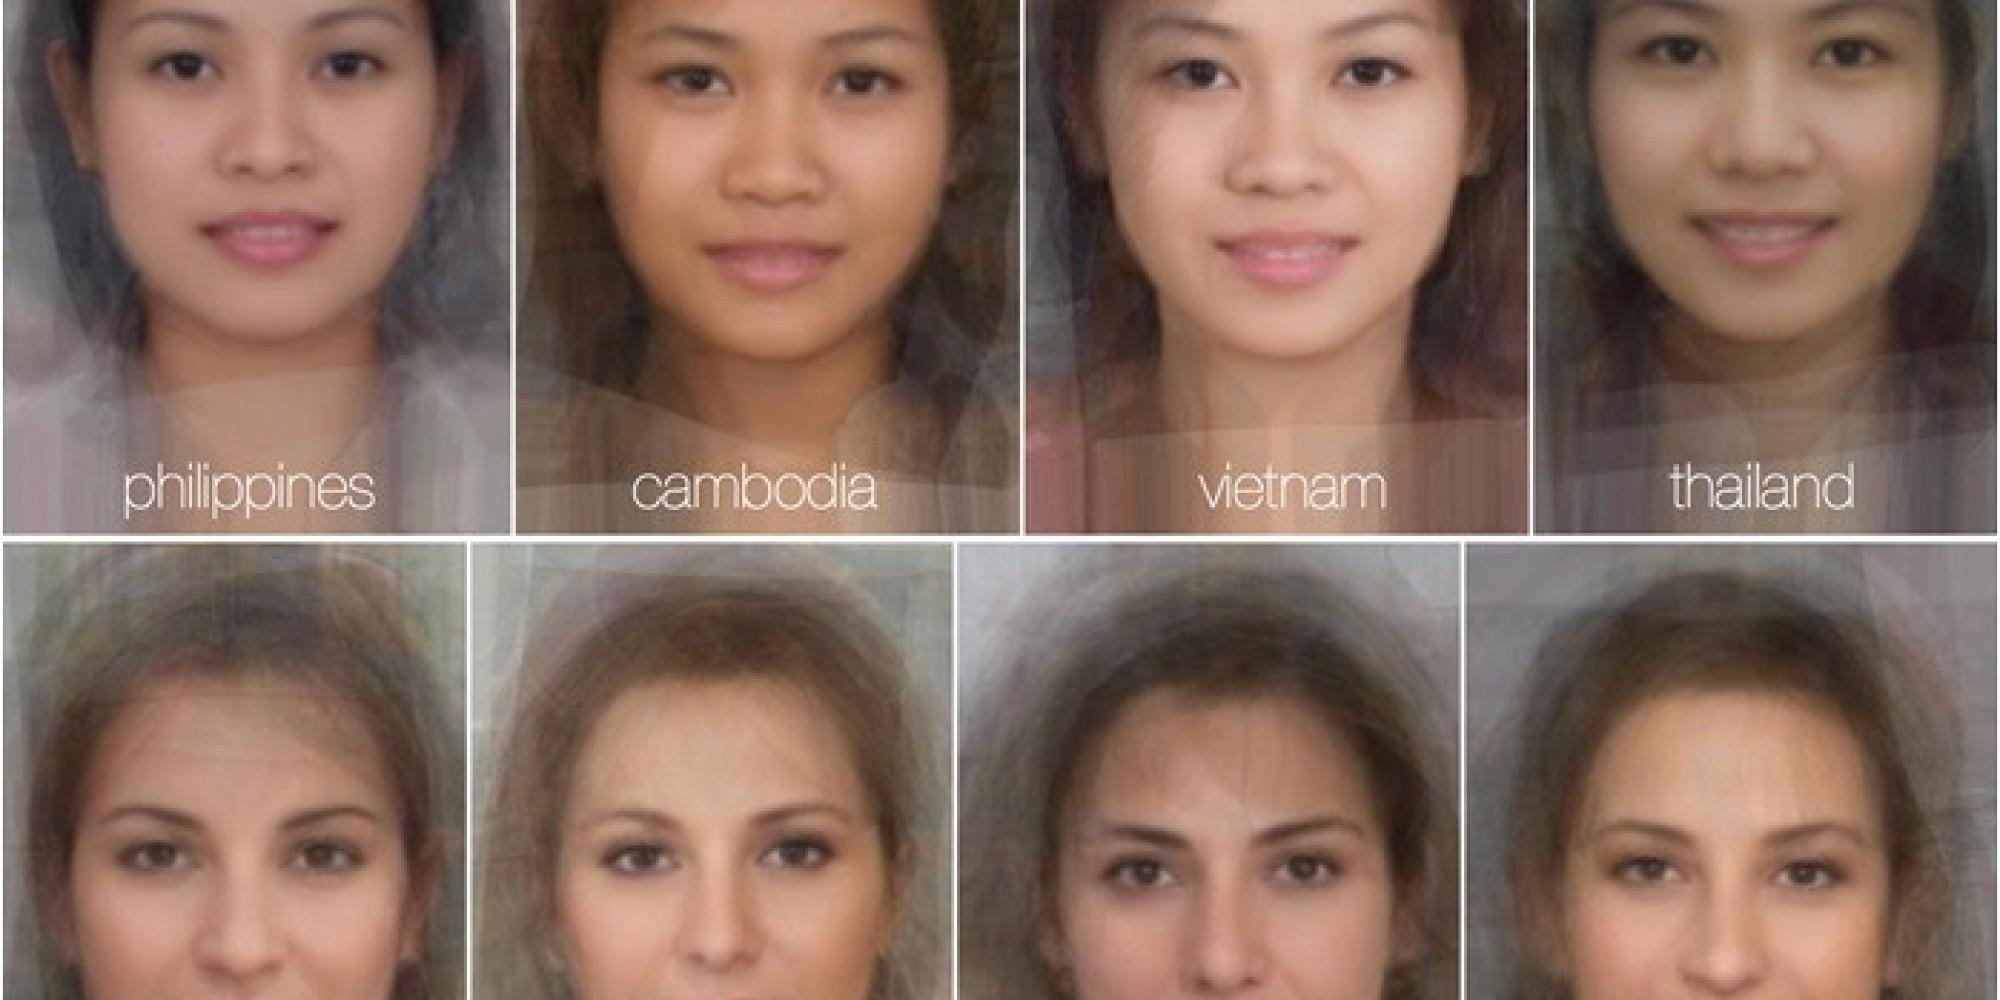 Đặc điểm gương mặt của đàn ông và phụ nữ hấp dẫn